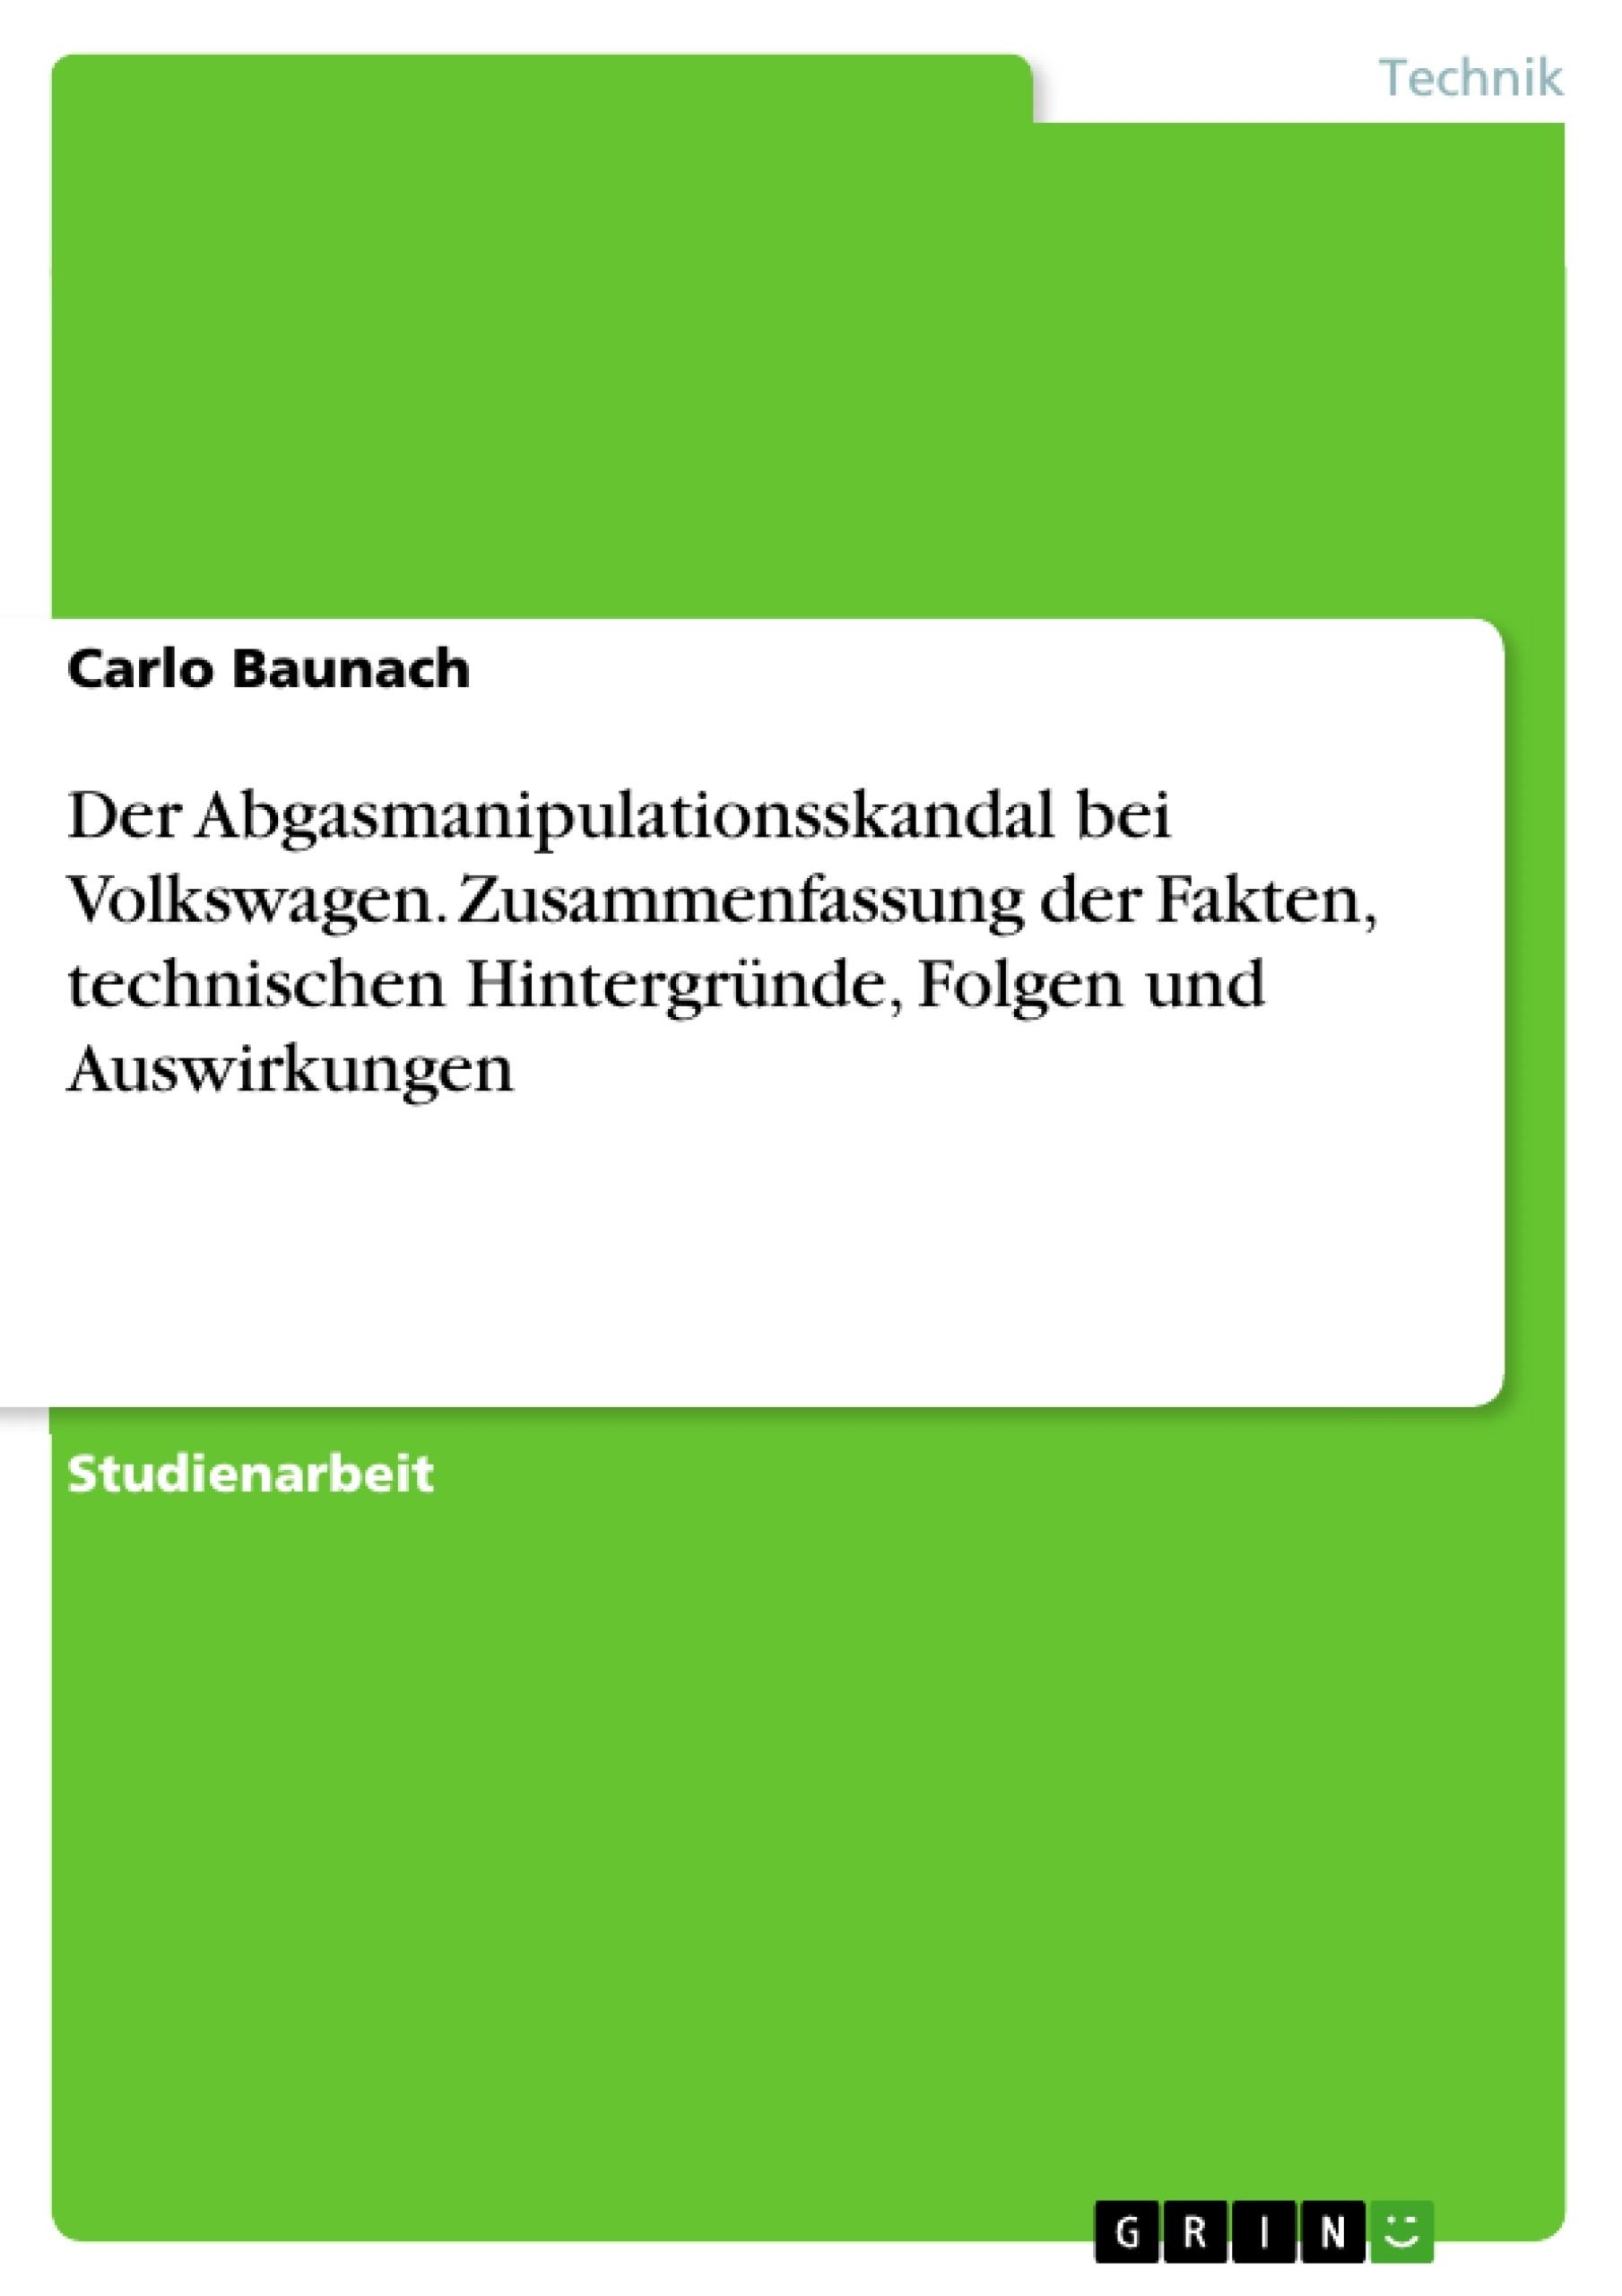 Atemberaubend X Balkendiagrammvorlage Zeitgenössisch - Beispiel ...